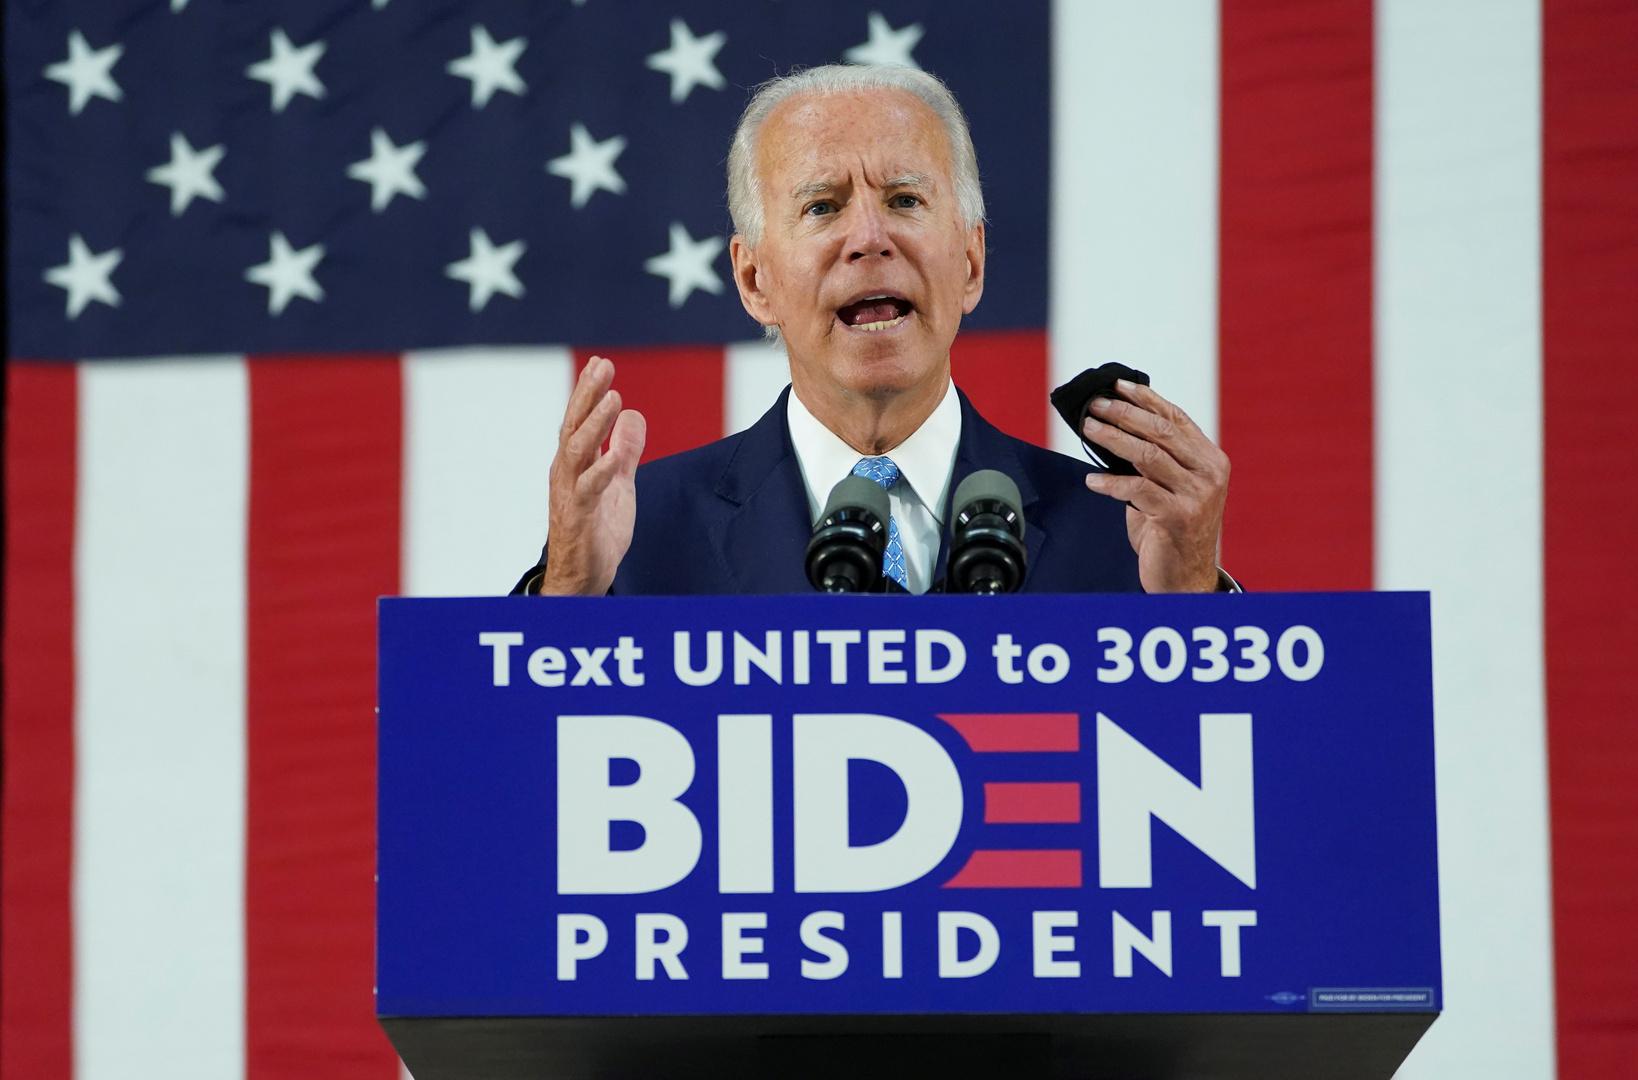 المرشح الديموقراطي لانتخابات الرئاسة الأمريكية 2020 جو بايدن